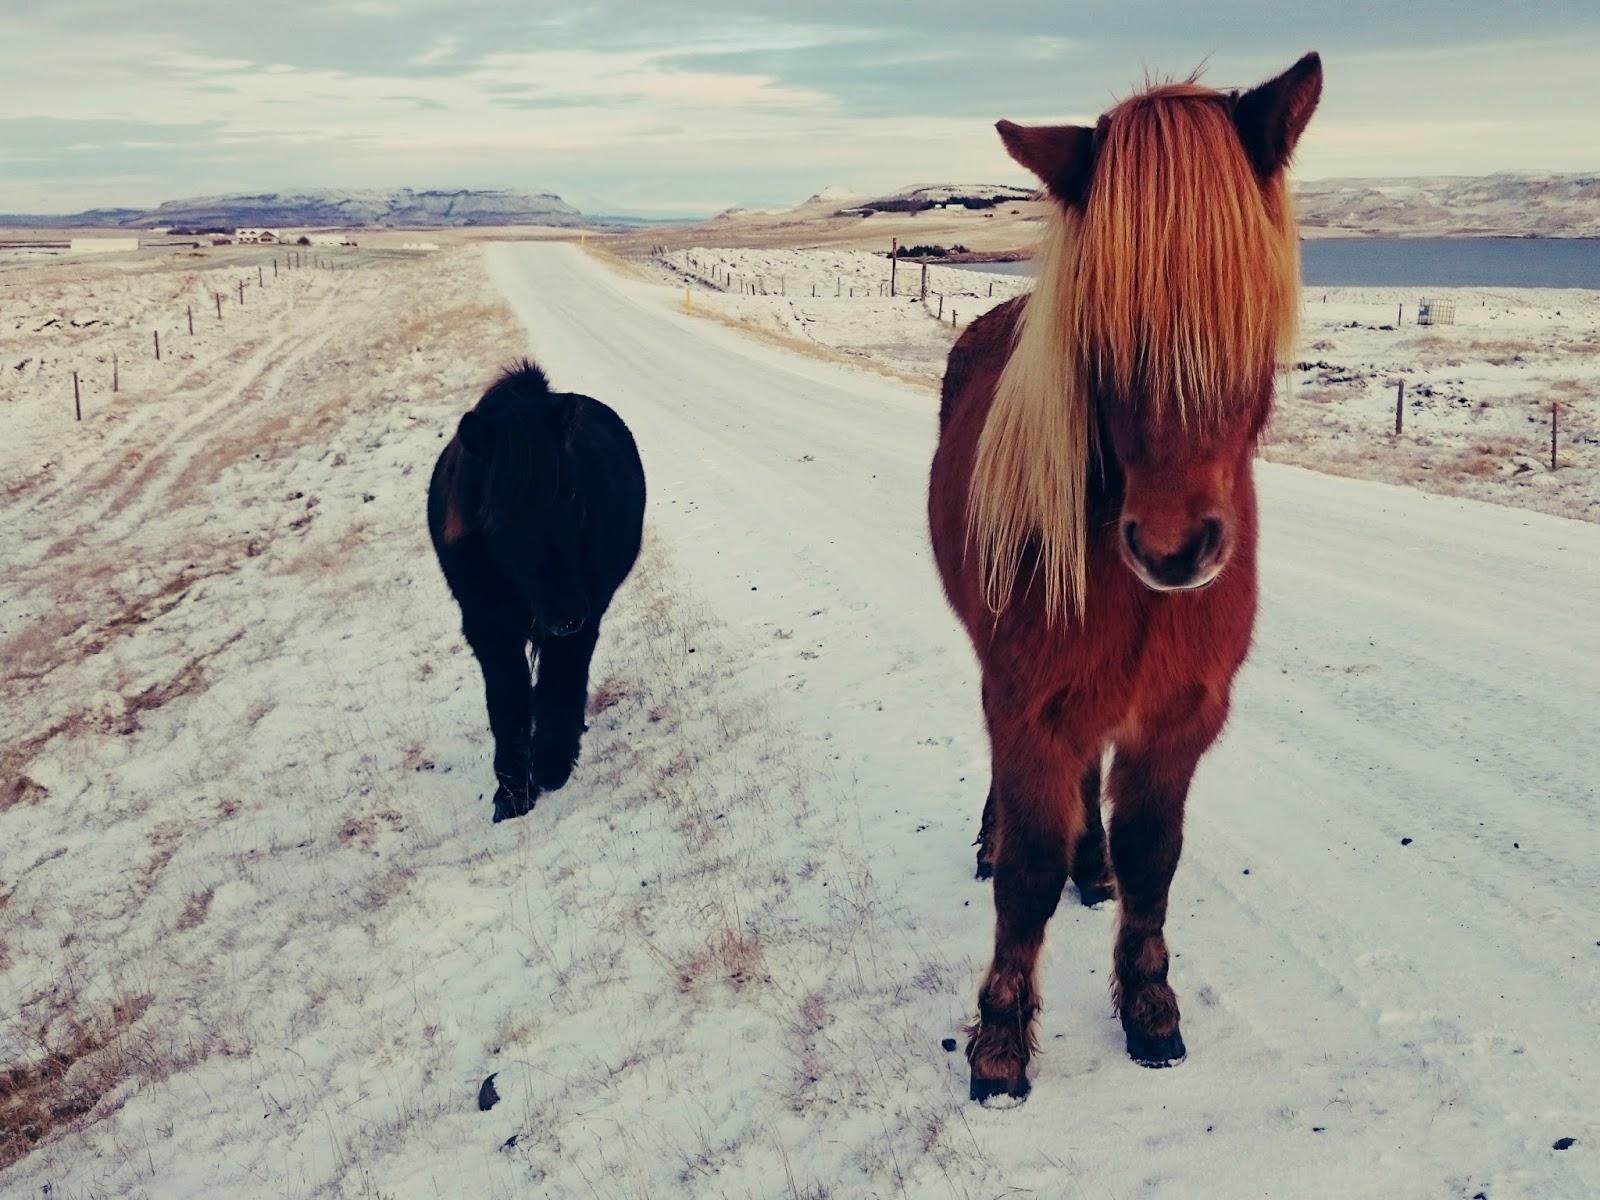 Islandia, zima, zwierzęta, konie, islandzkie konie, krajobraz, zimowy krajobraz, krajobraz Islandii